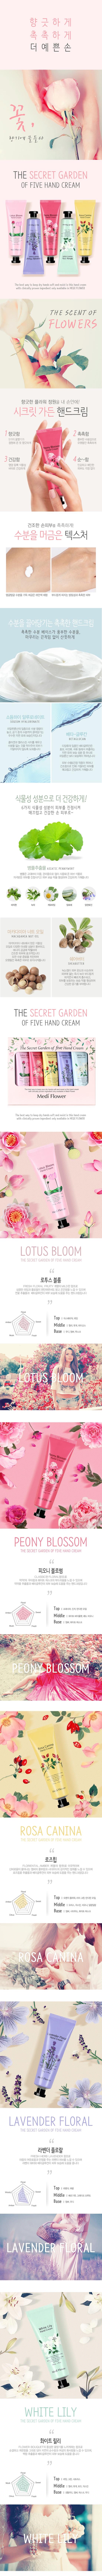 medi-flower-info.jpg